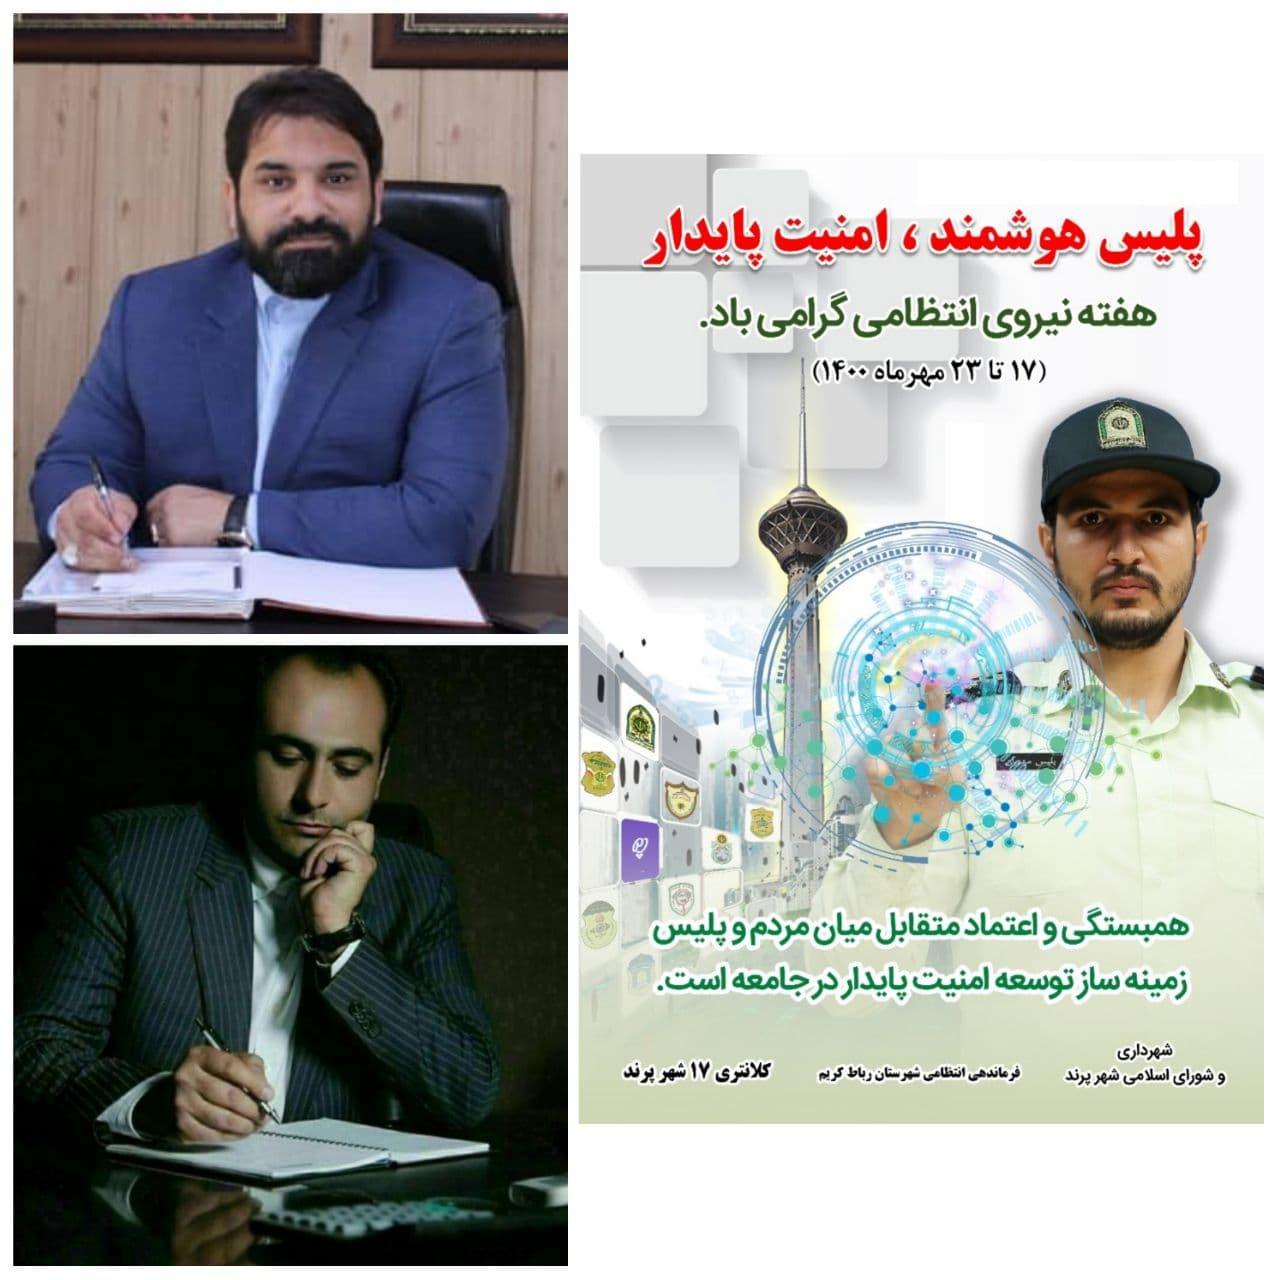 پیام شهردار و رئیس شورای اسلامی شهر پرند به مناسبت گرامیداشت هفته ناجا